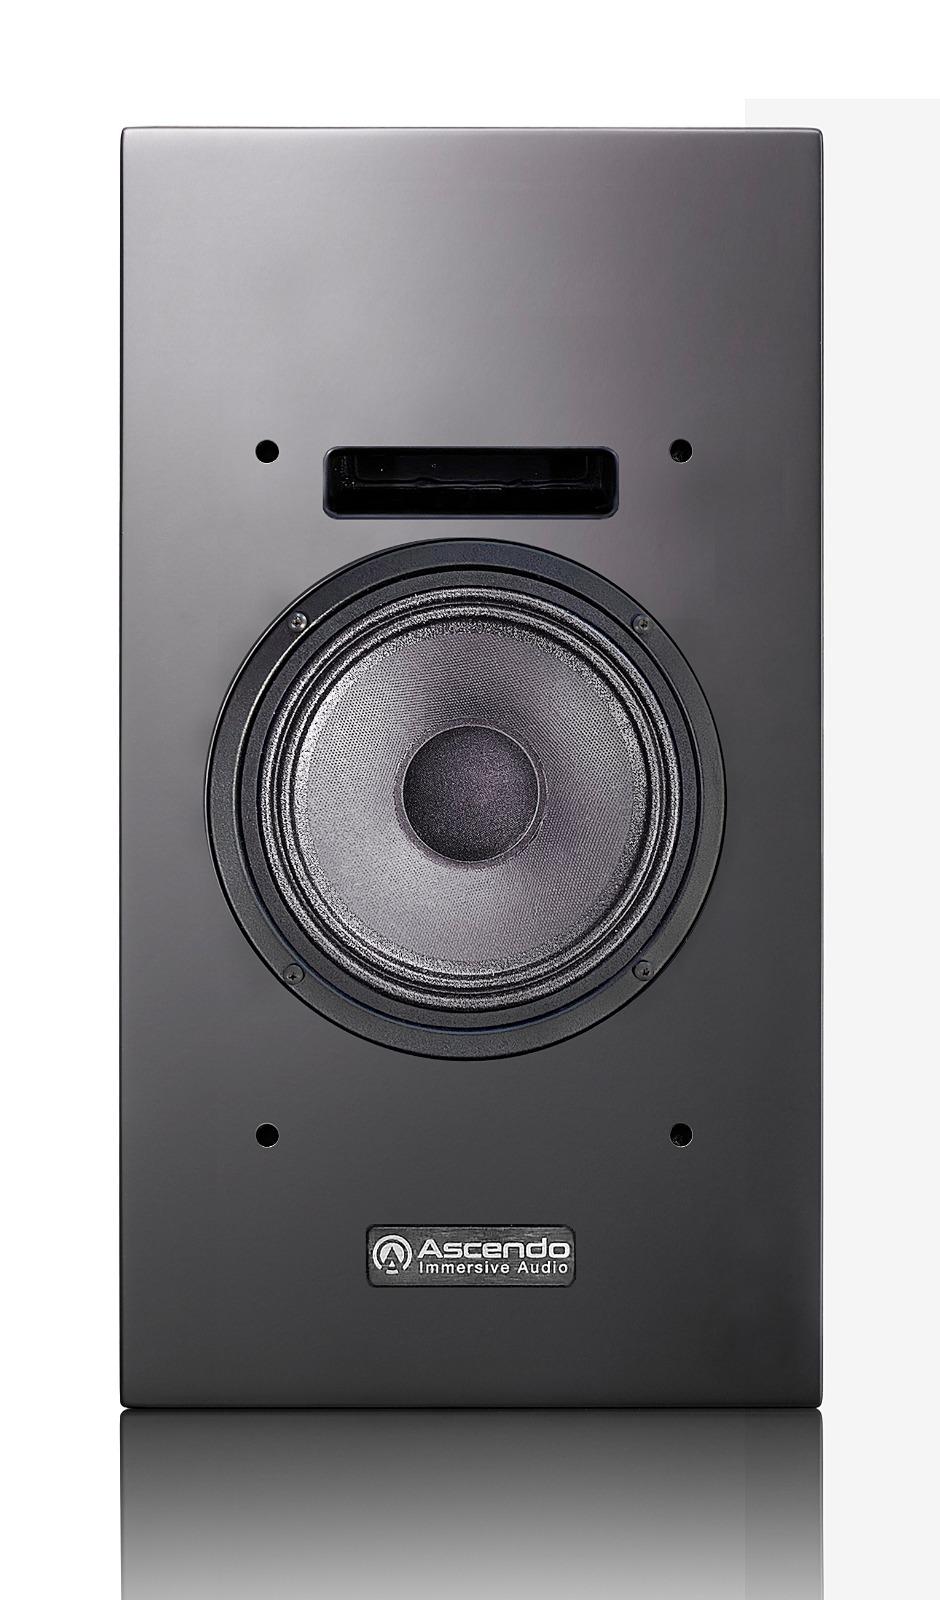 Ascendo Immersive Audio CCM6-P Passive Immersive Audio monitor